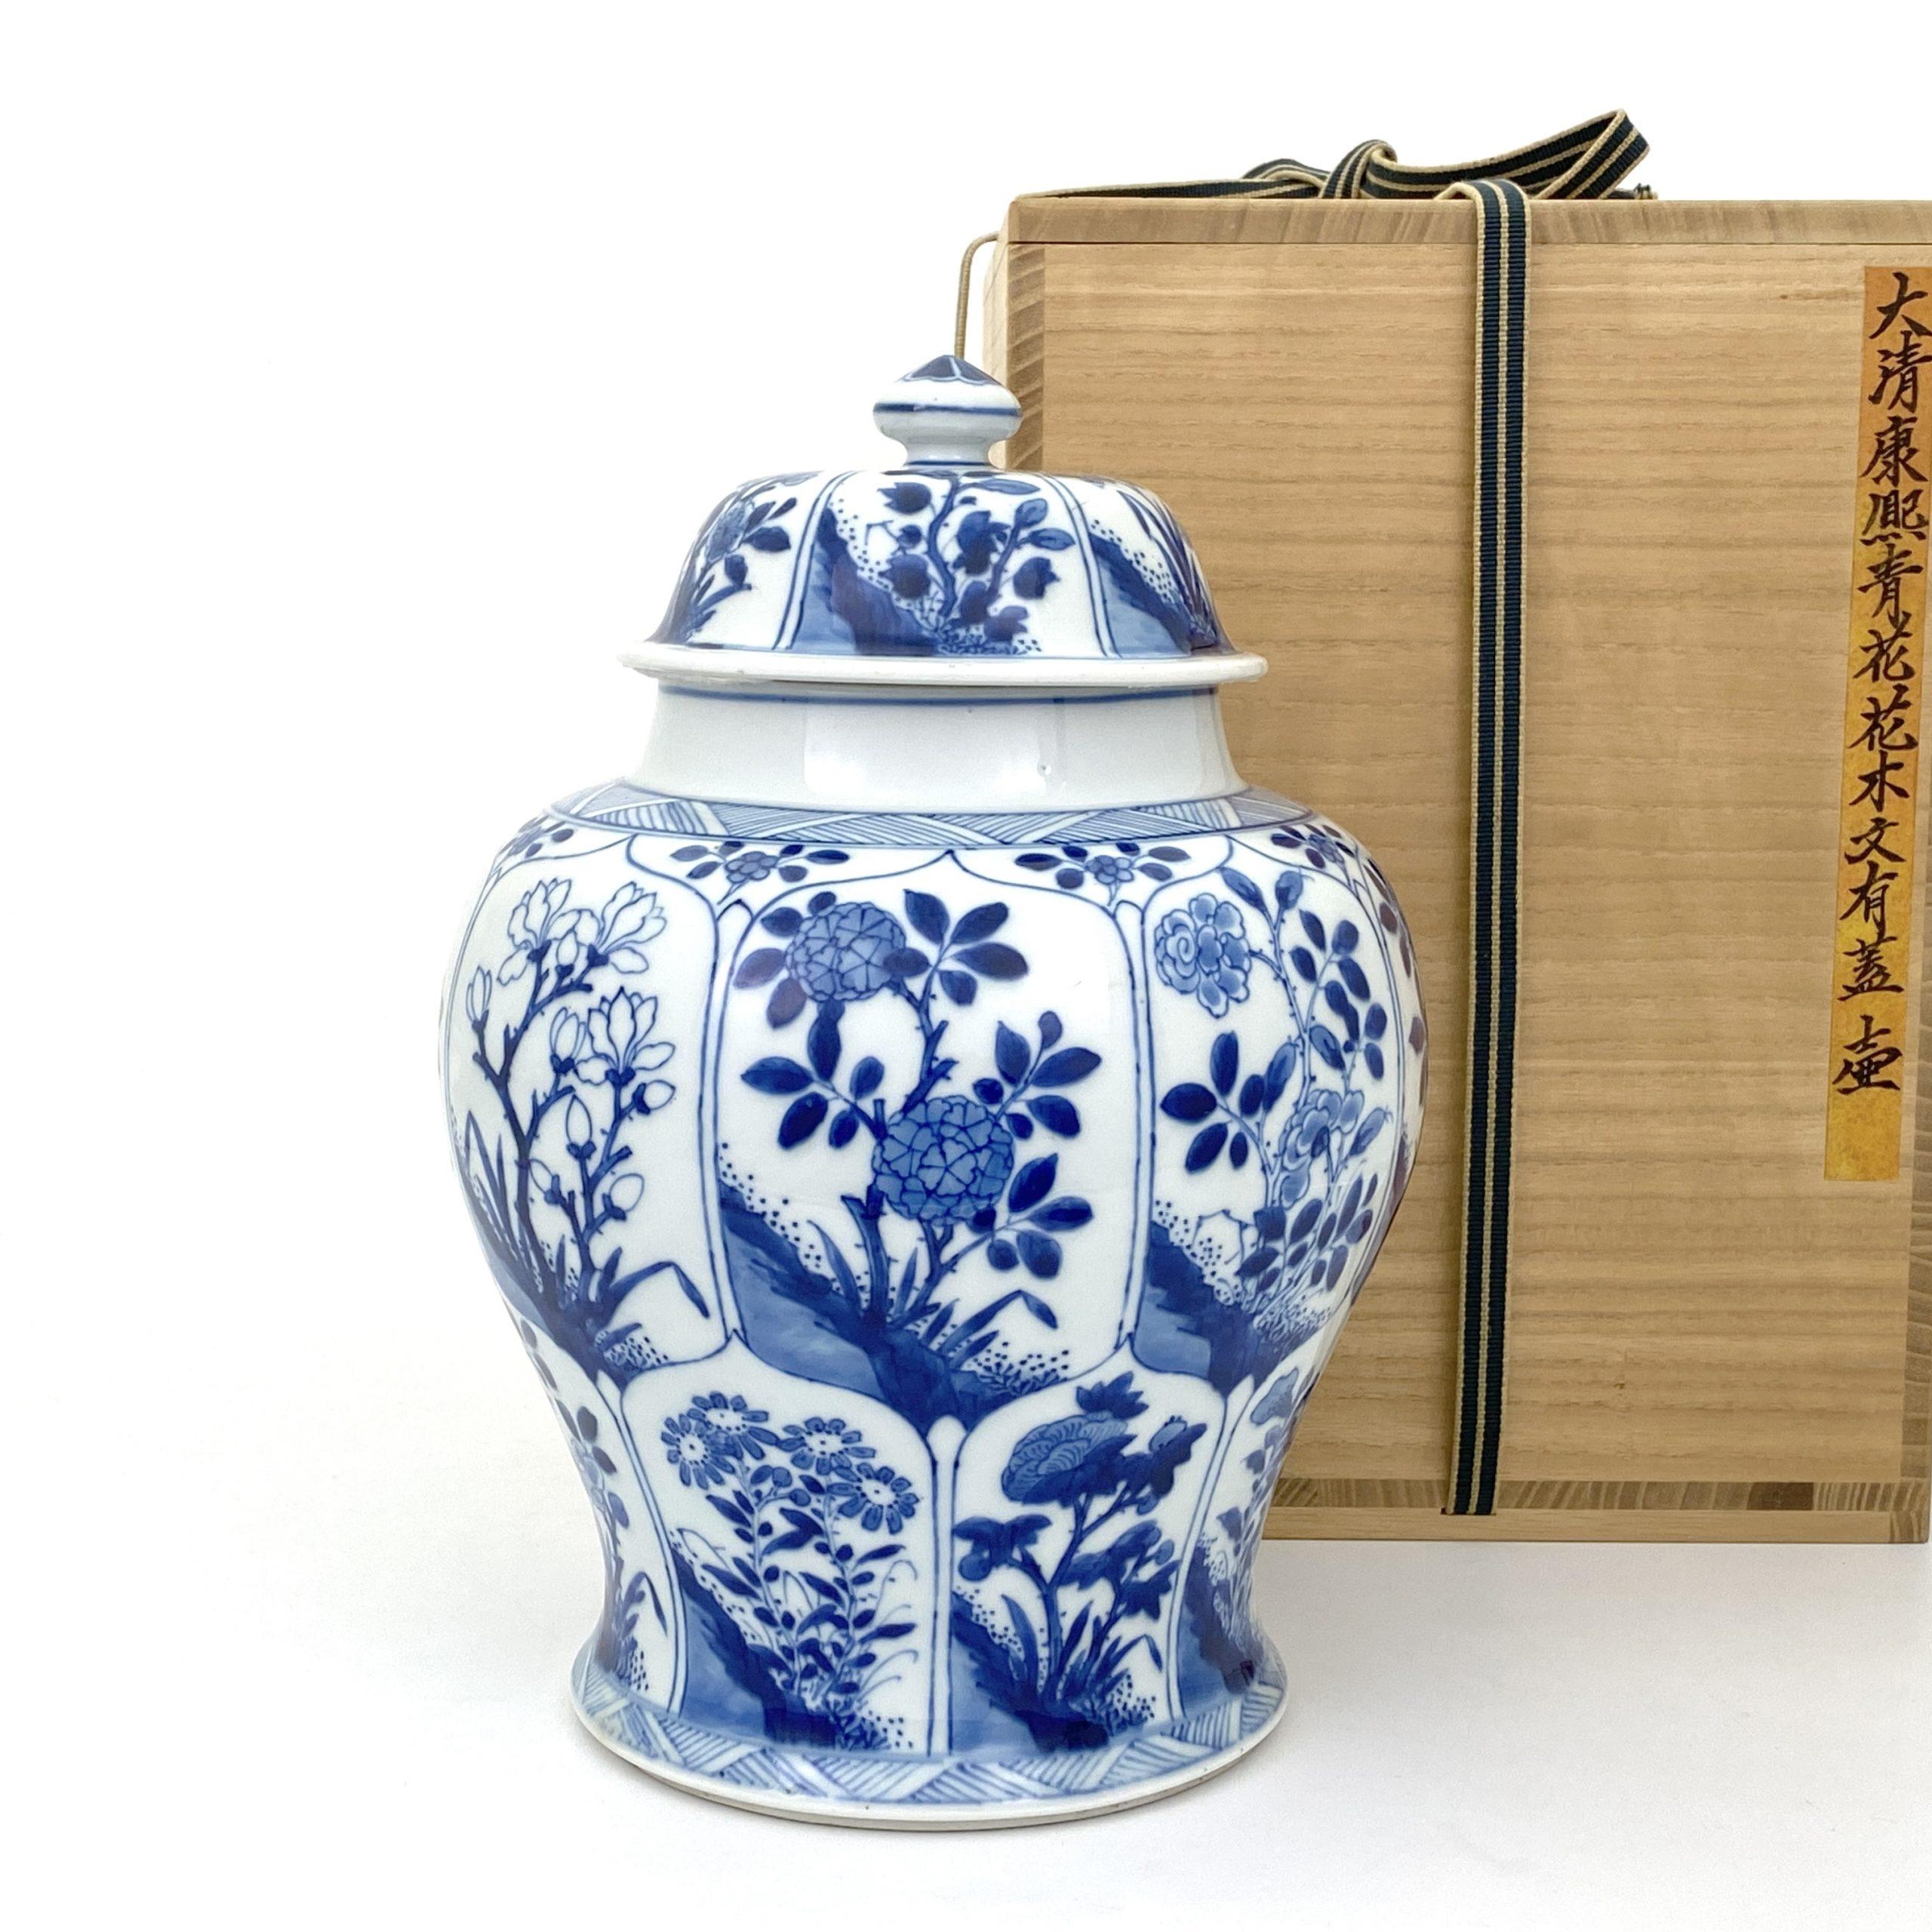 21238清康煕 青花 花図 蓋瓶